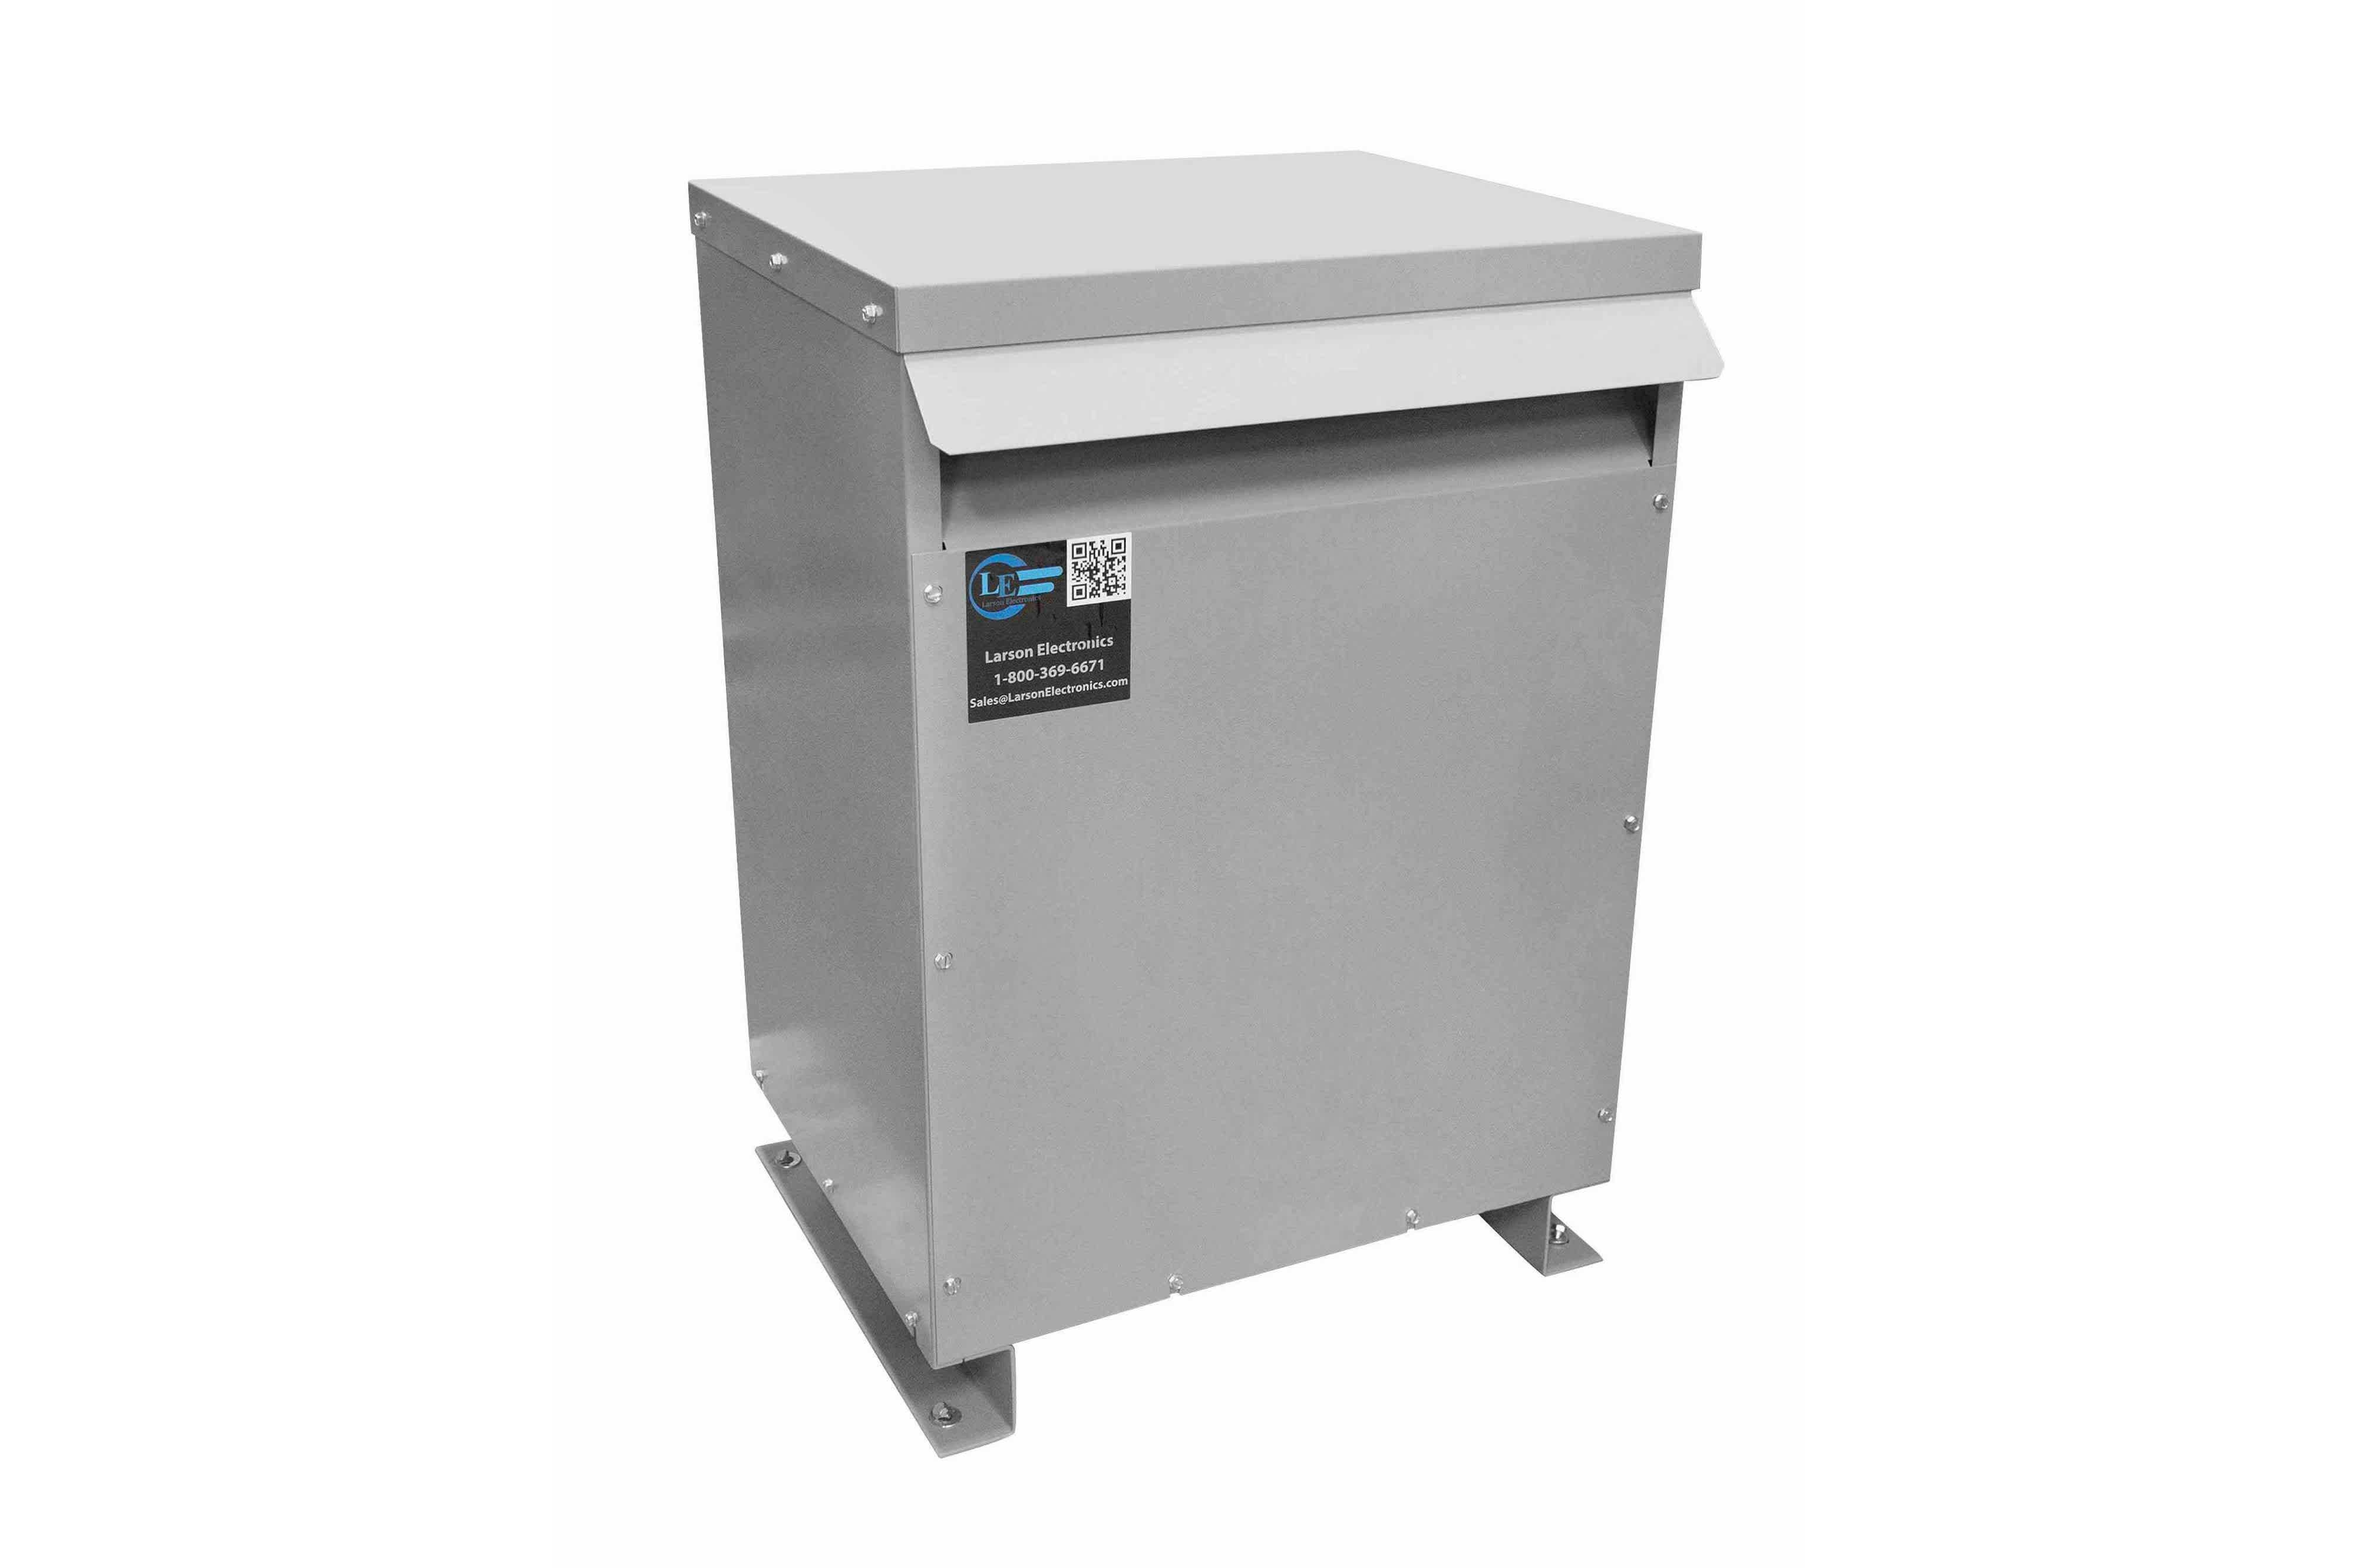 80 kVA 3PH Isolation Transformer, 208V Delta Primary, 208V Delta Secondary, N3R, Ventilated, 60 Hz